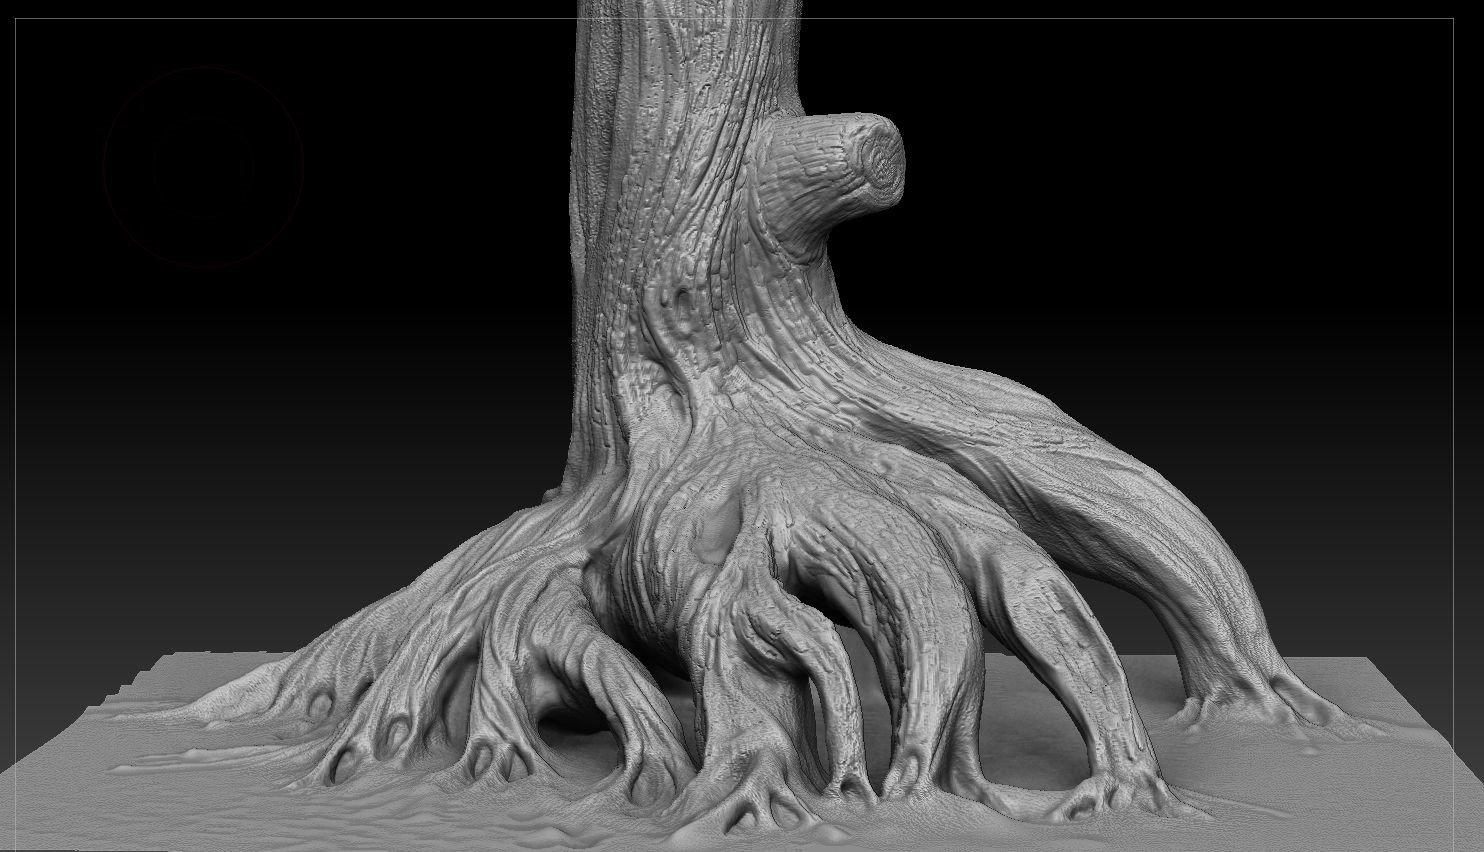 فرایند پرینت سه بعدی قطعات استاپ موشن Chase Me